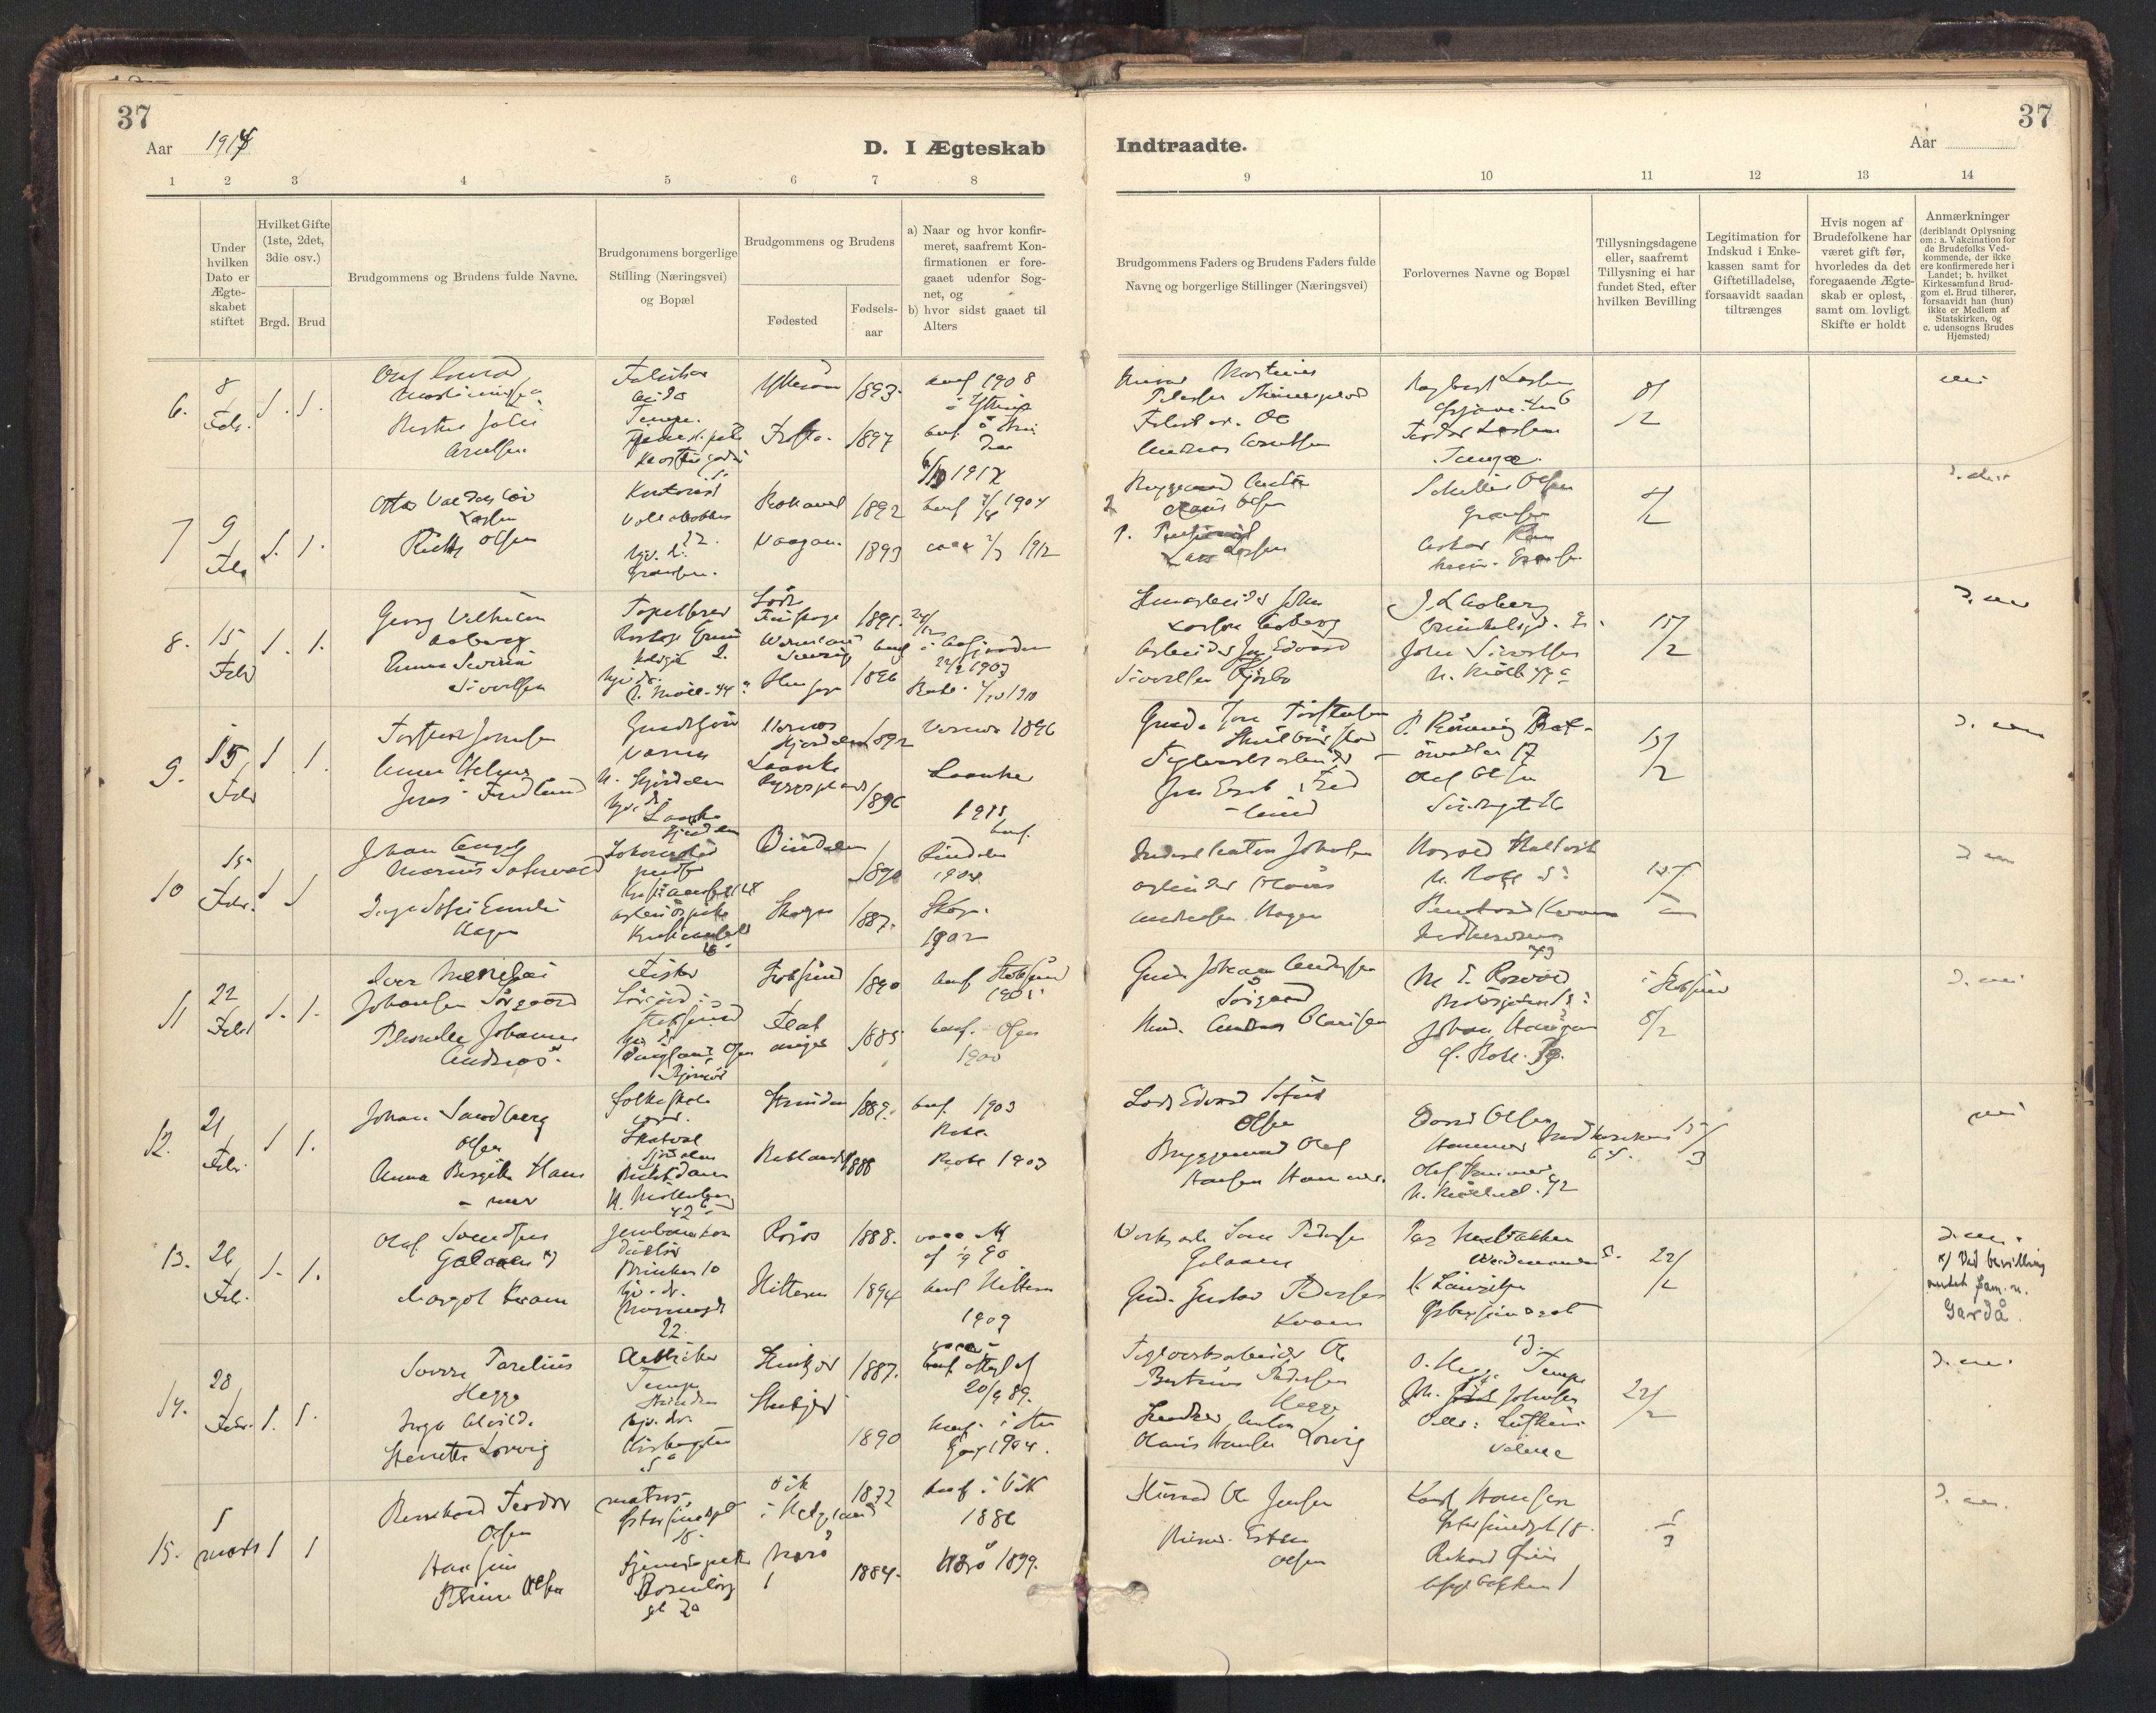 SAT, Ministerialprotokoller, klokkerbøker og fødselsregistre - Sør-Trøndelag, 604/L0204: Ministerialbok nr. 604A24, 1911-1920, s. 37